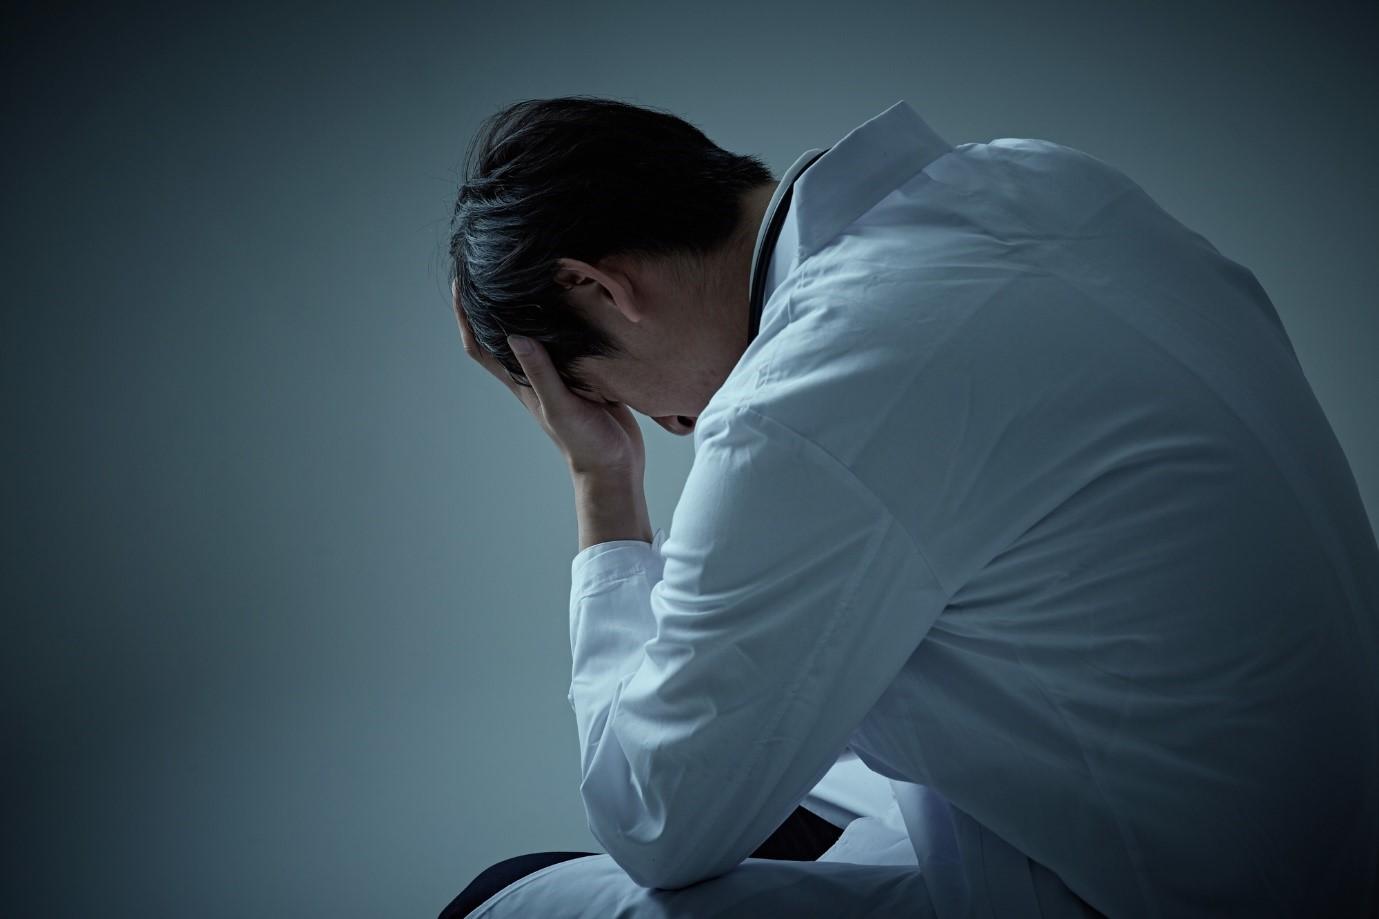 大切な人が「死にたい」と漏らしたら……周囲の対応法【精神科医が解説】